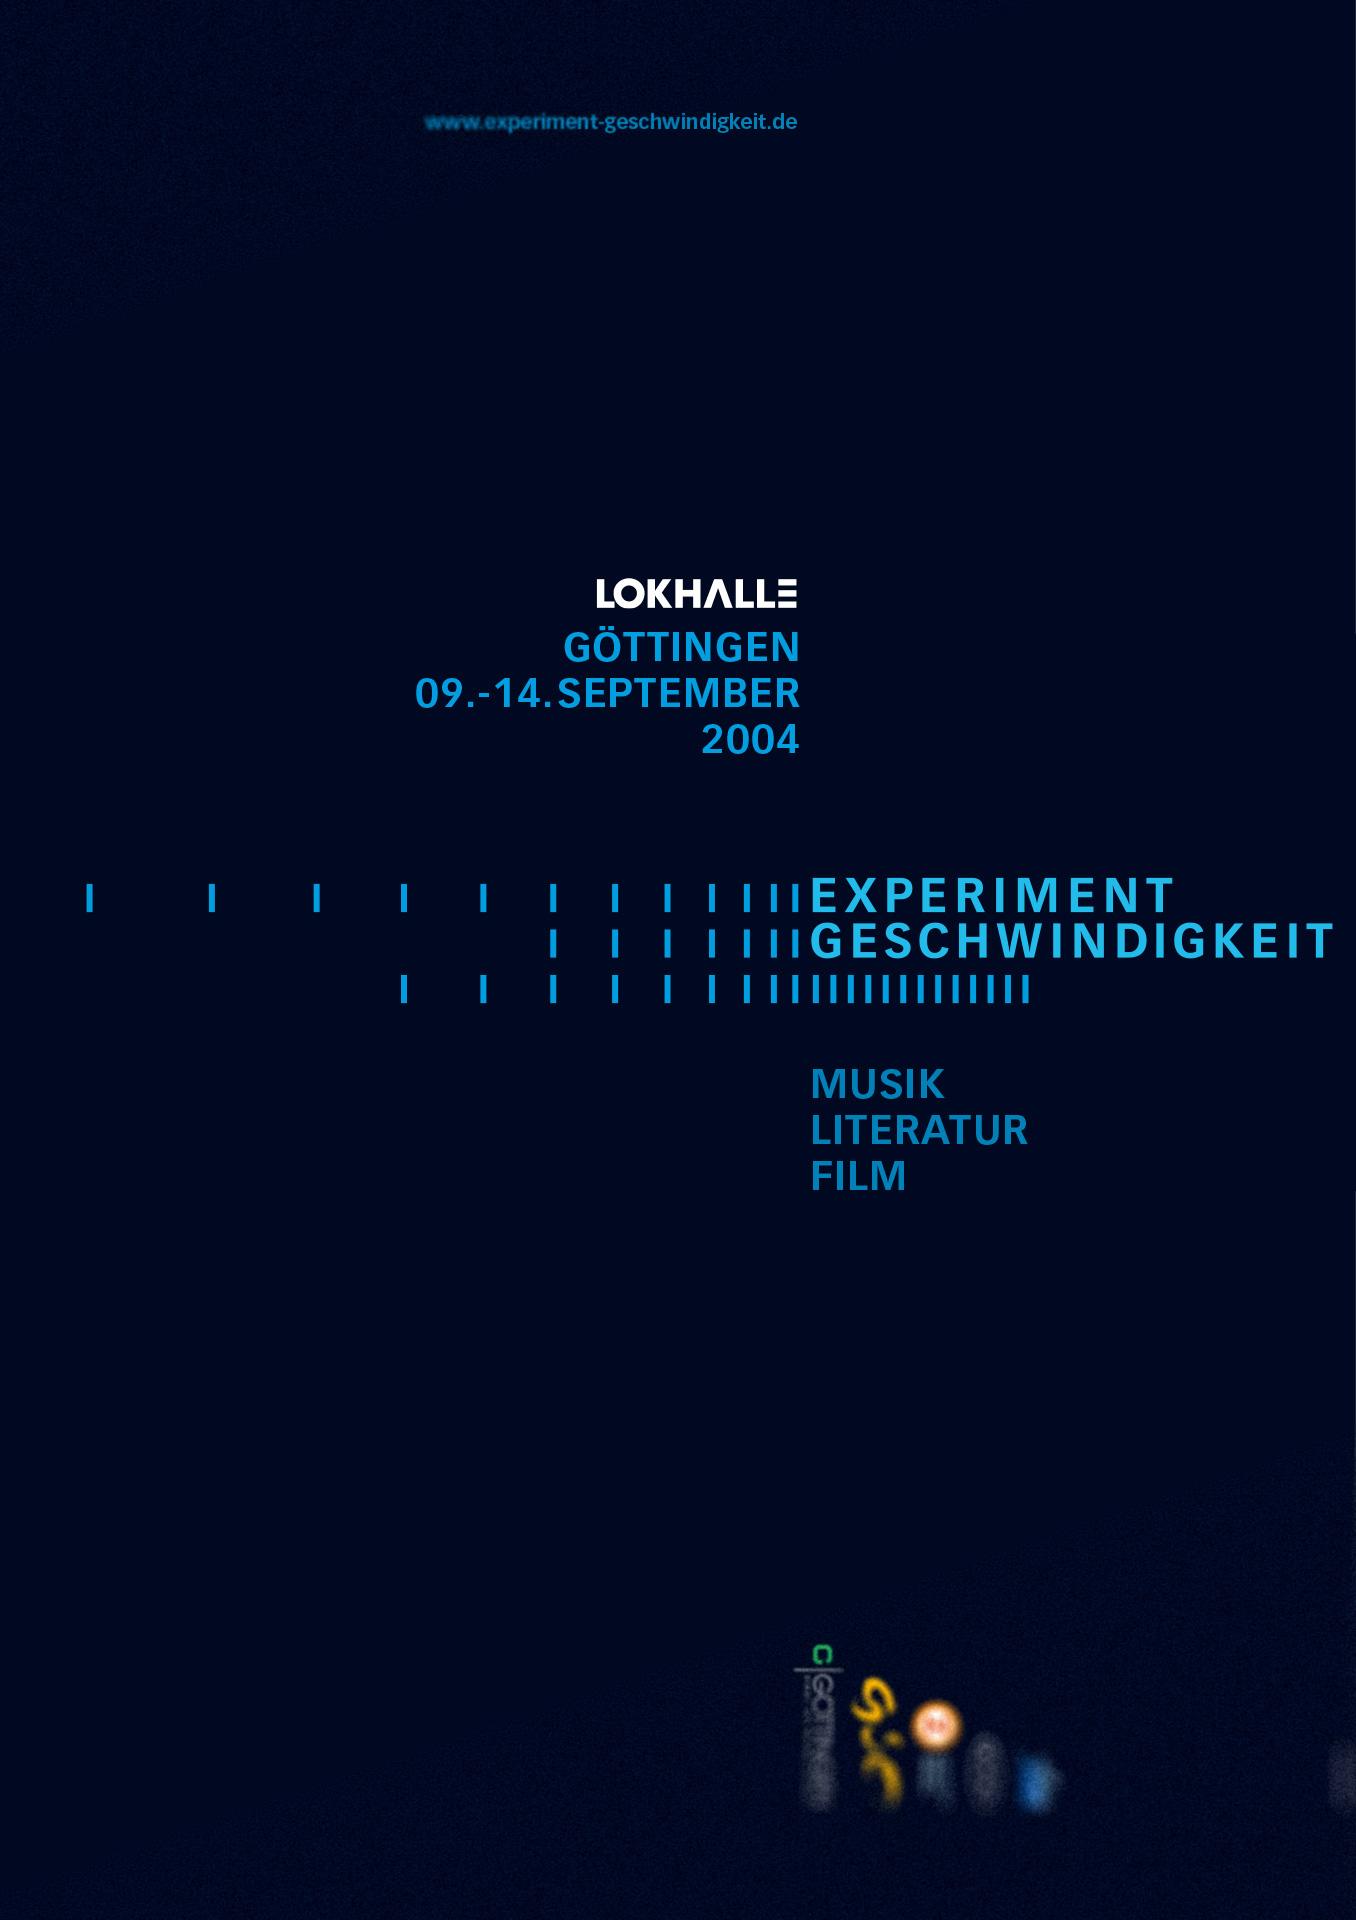 »Experiment Geschwindigkeit« Göttingen, Veranstaltungsplakat